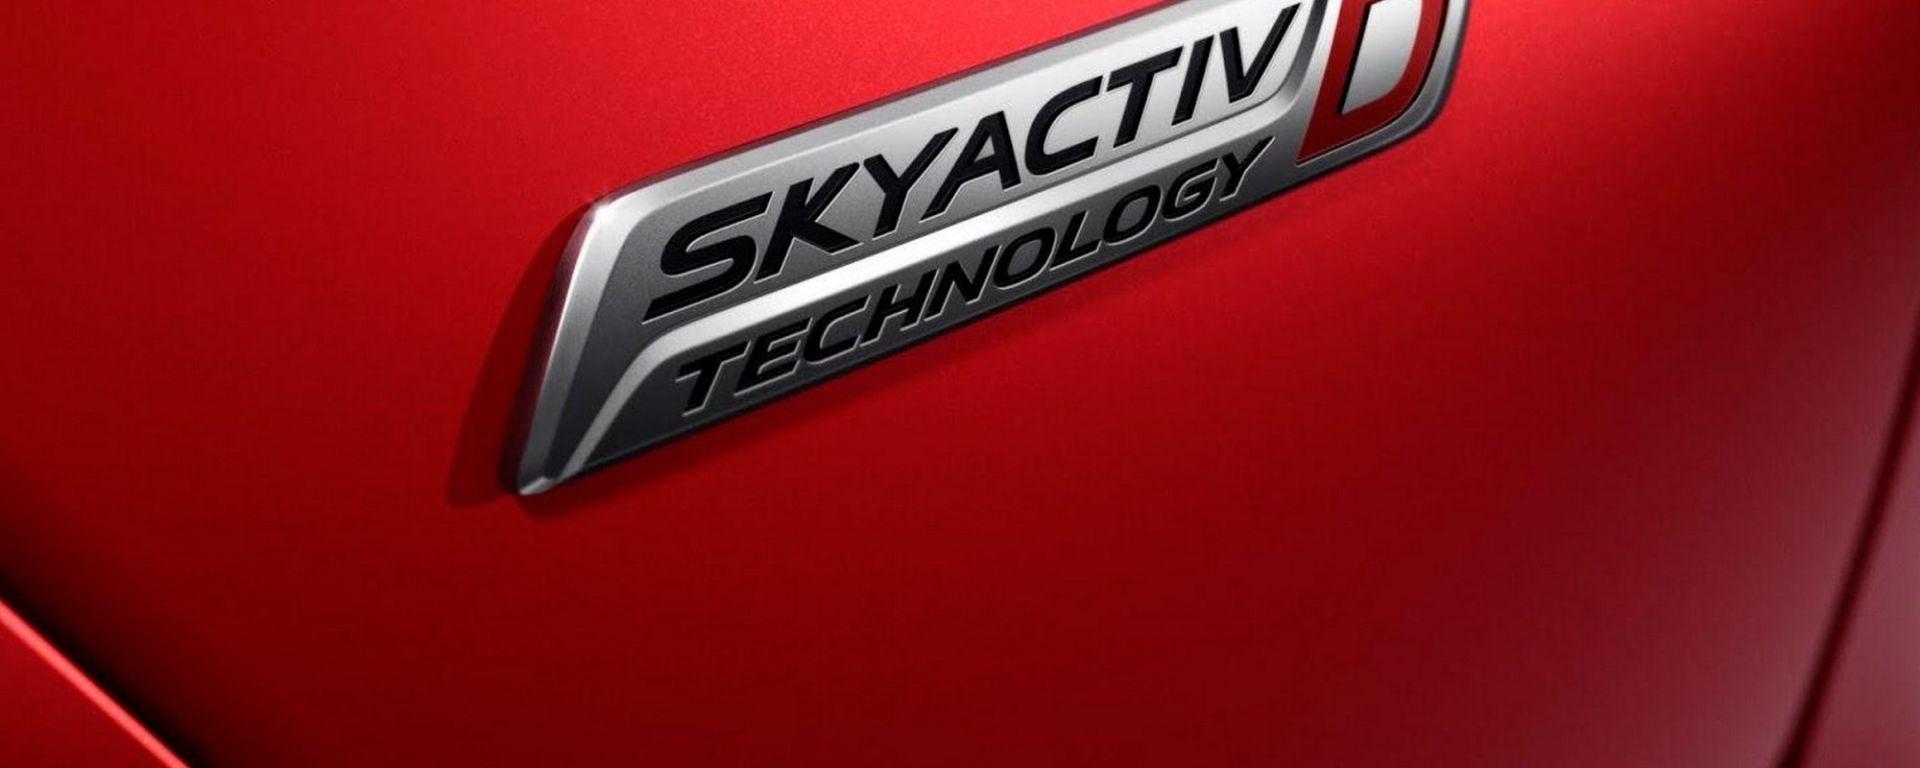 Tecnologie Skyactiv, Mazda crede nel futuro dei motori diesel e benzina